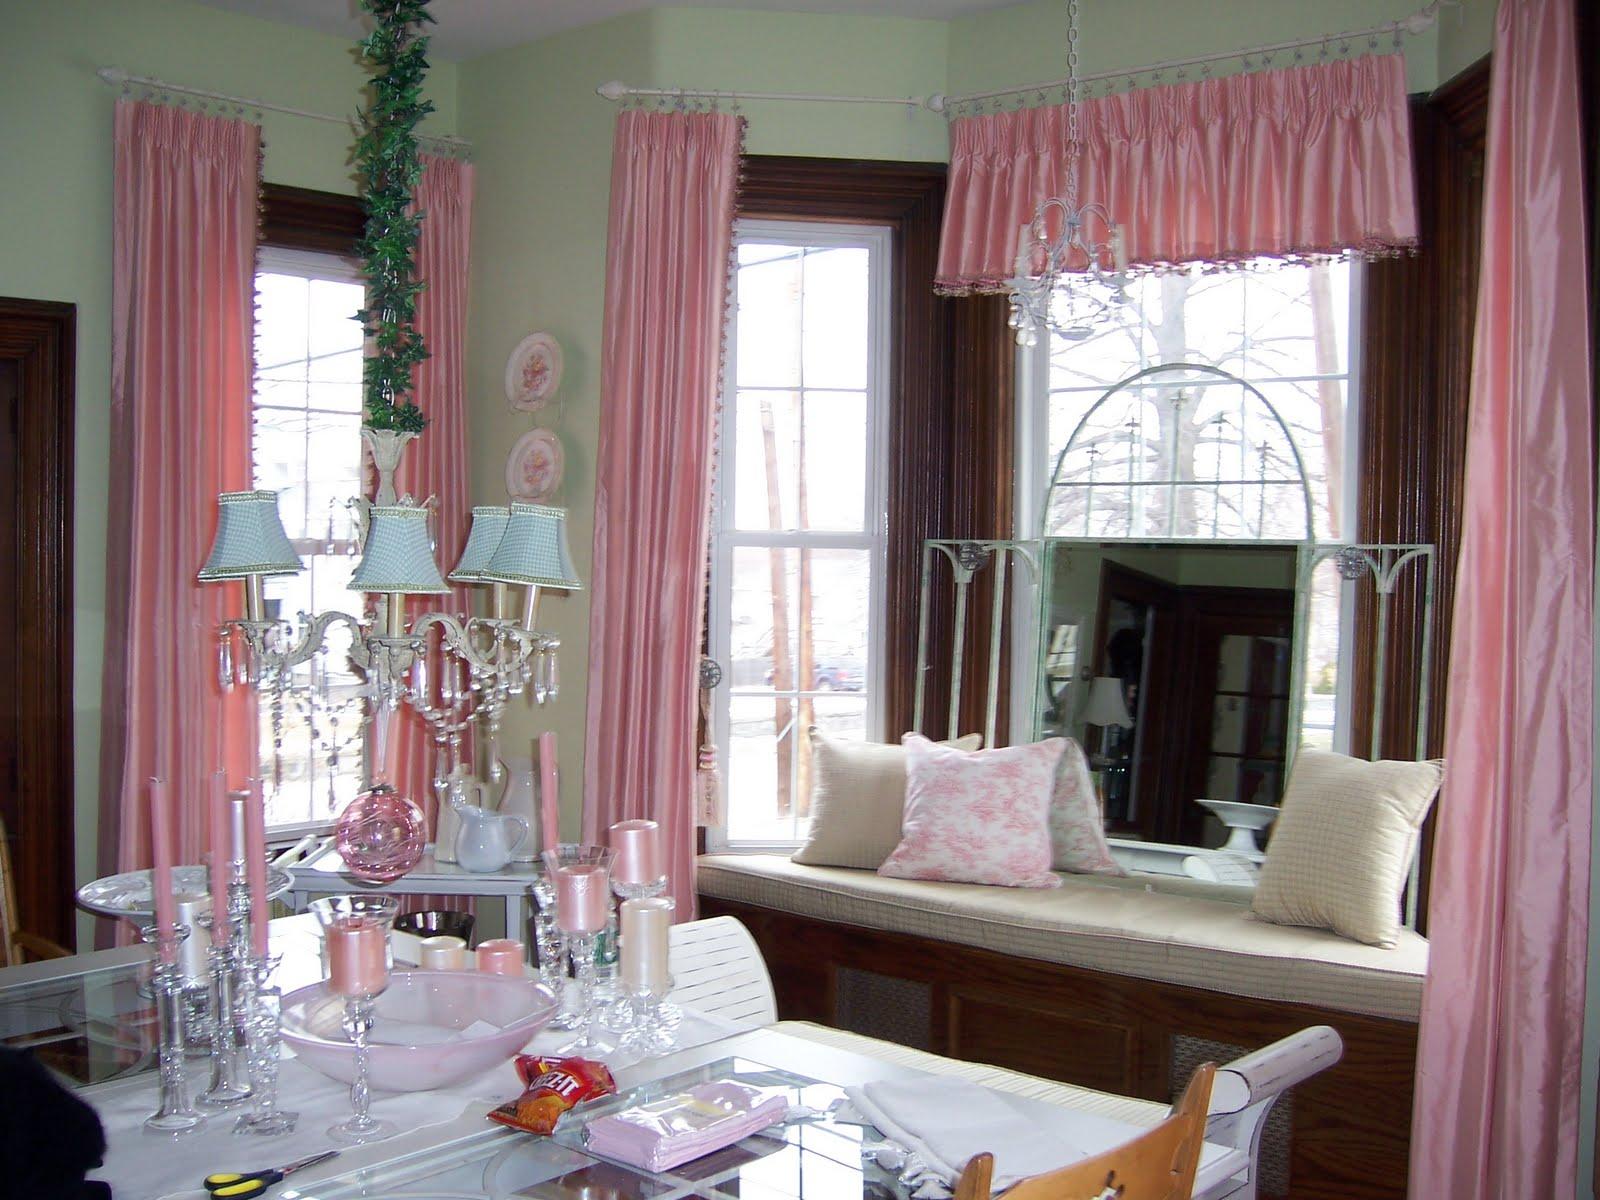 Maison Decor Romantic Style Curtains